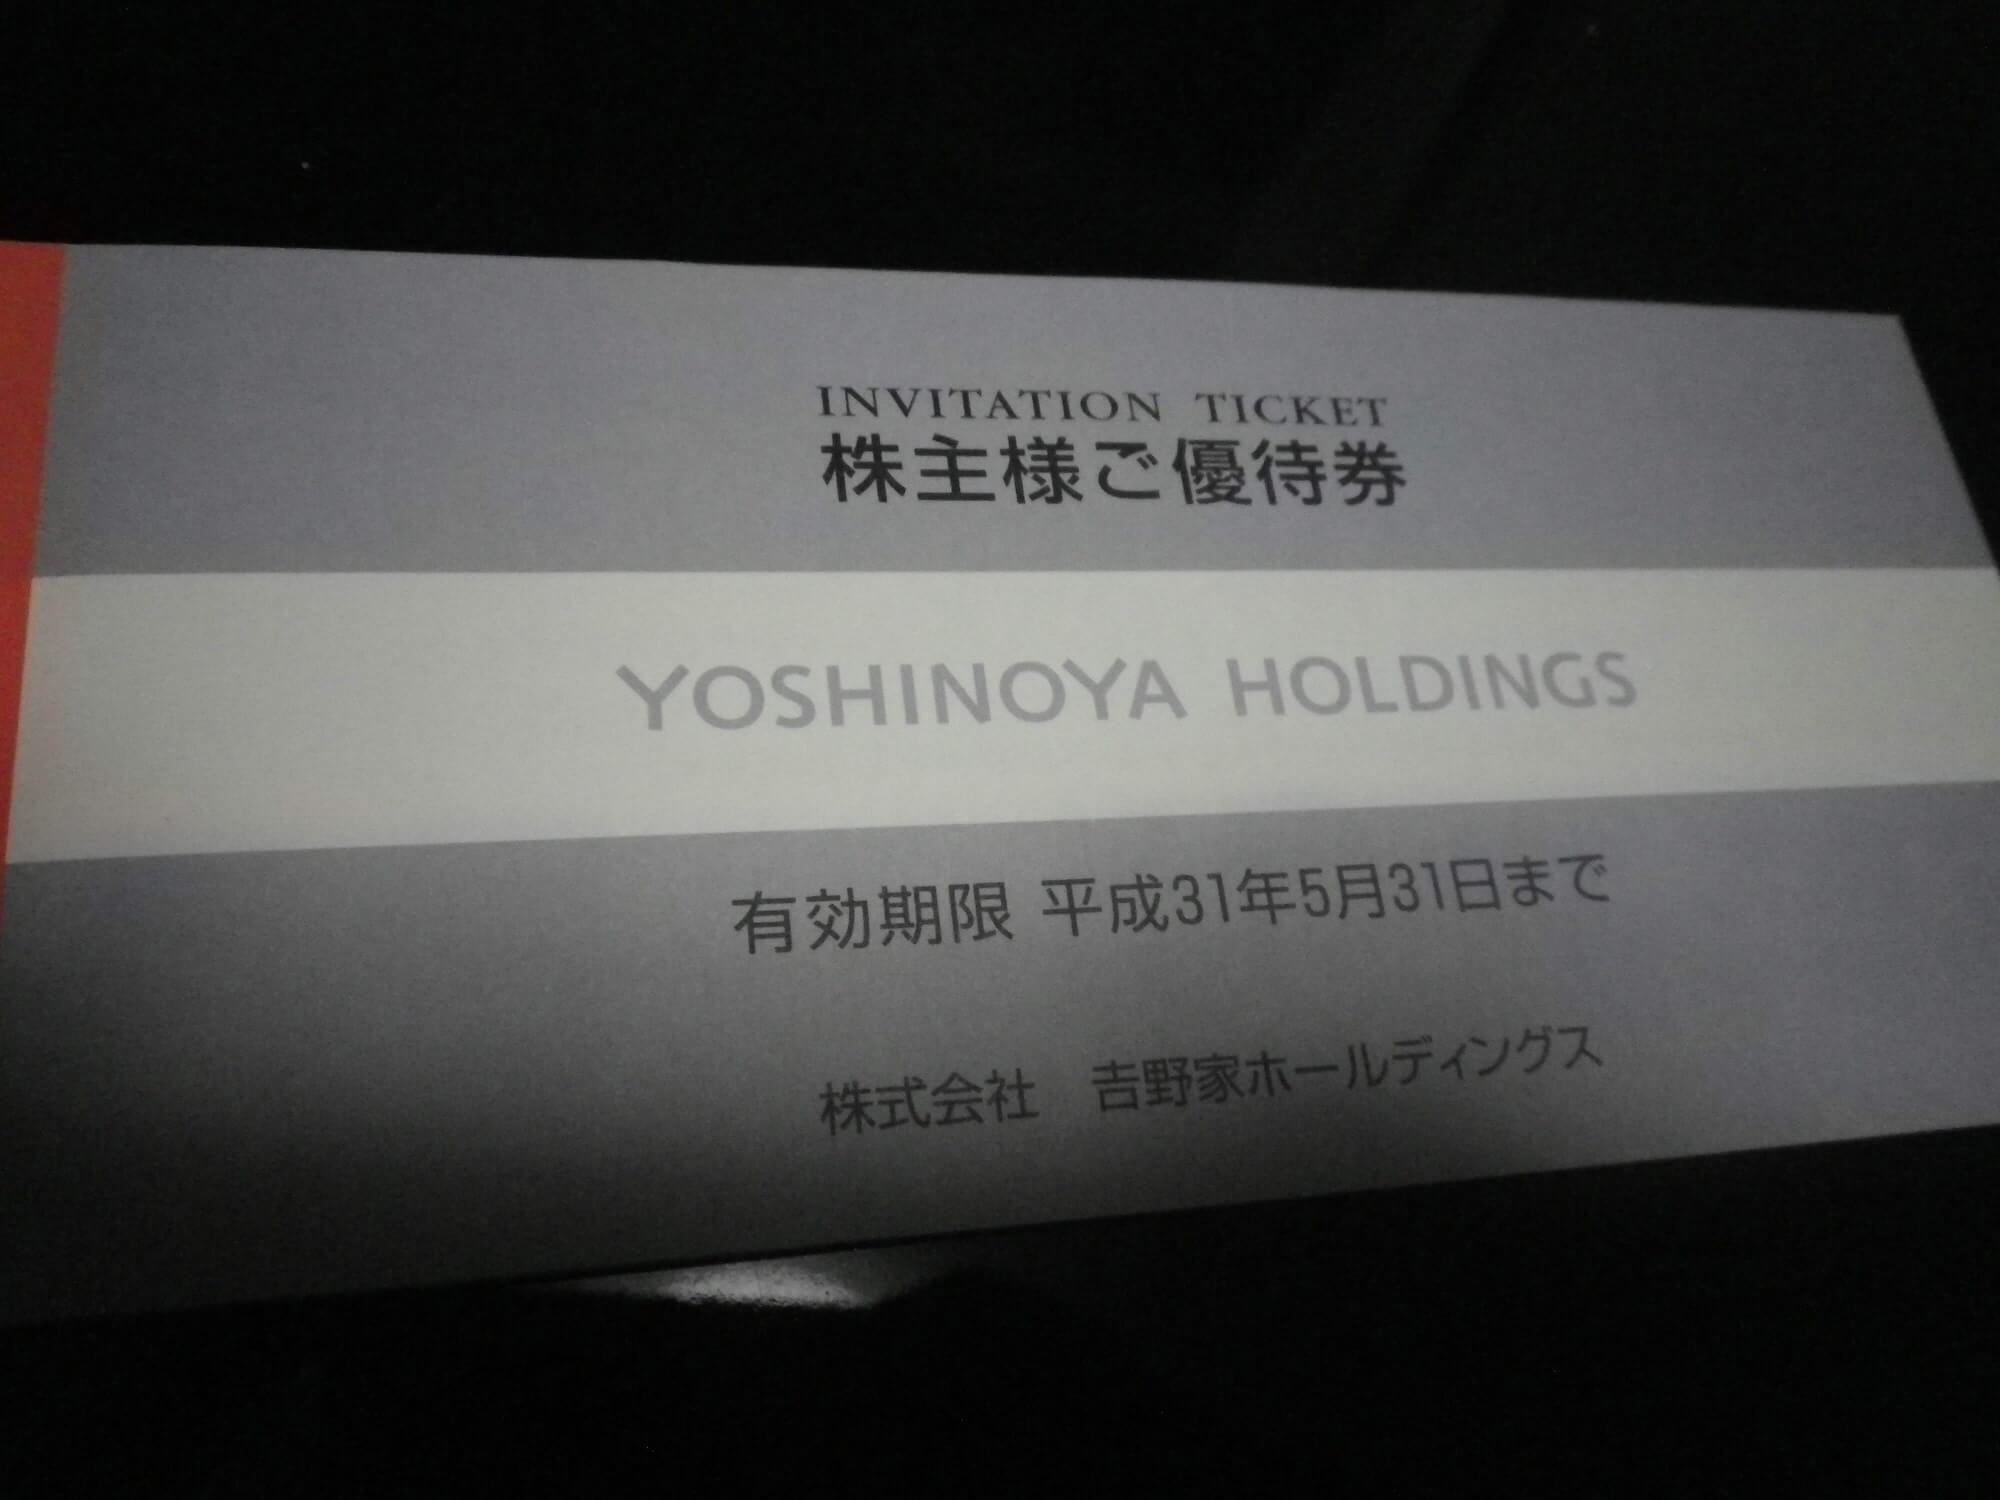 201802吉野家優待券表紙画像